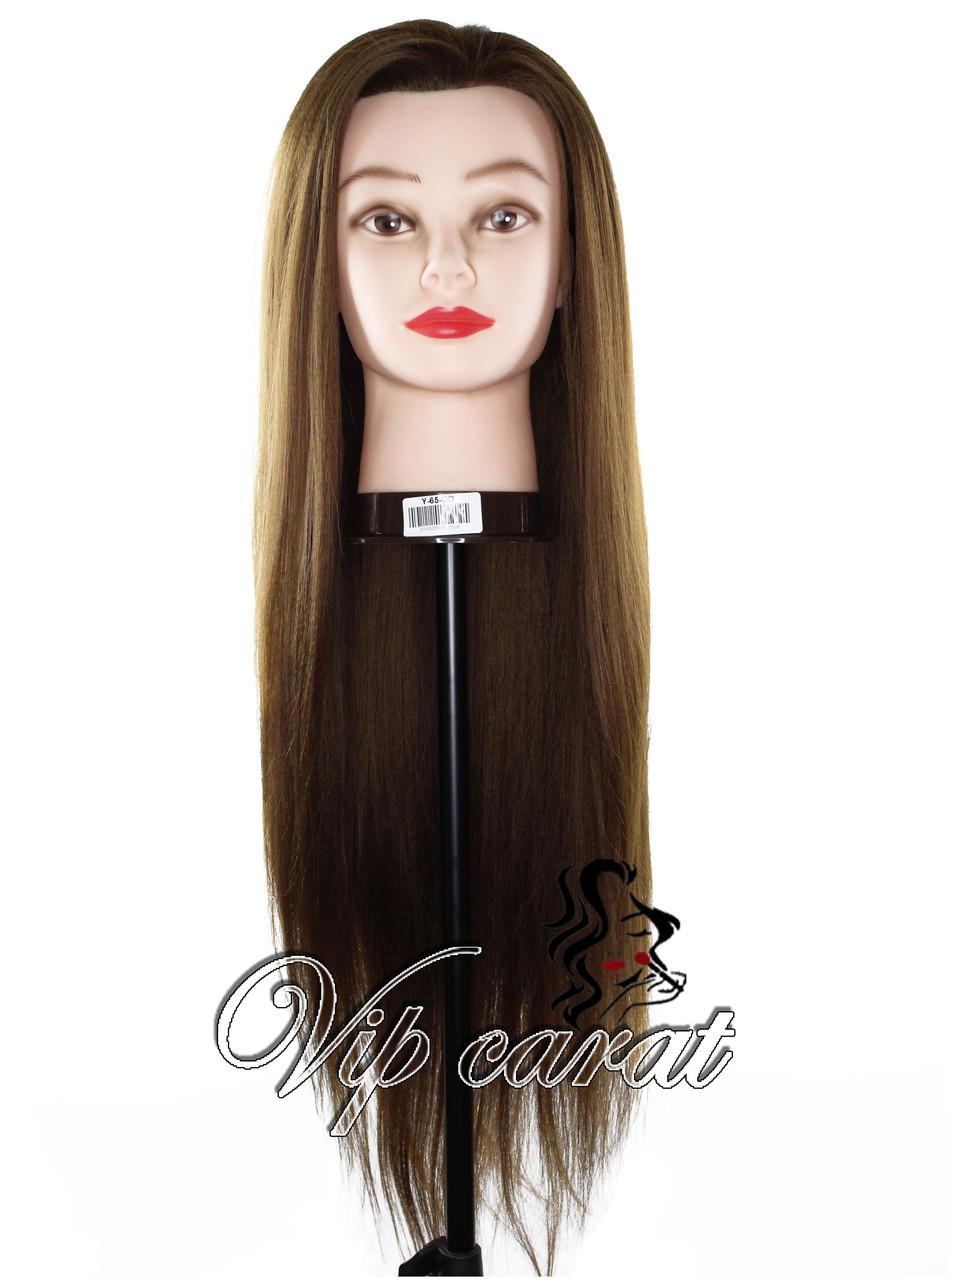 Учебная голова манекен для причесок термо / болванка для парикмахера / манекен для зачісок